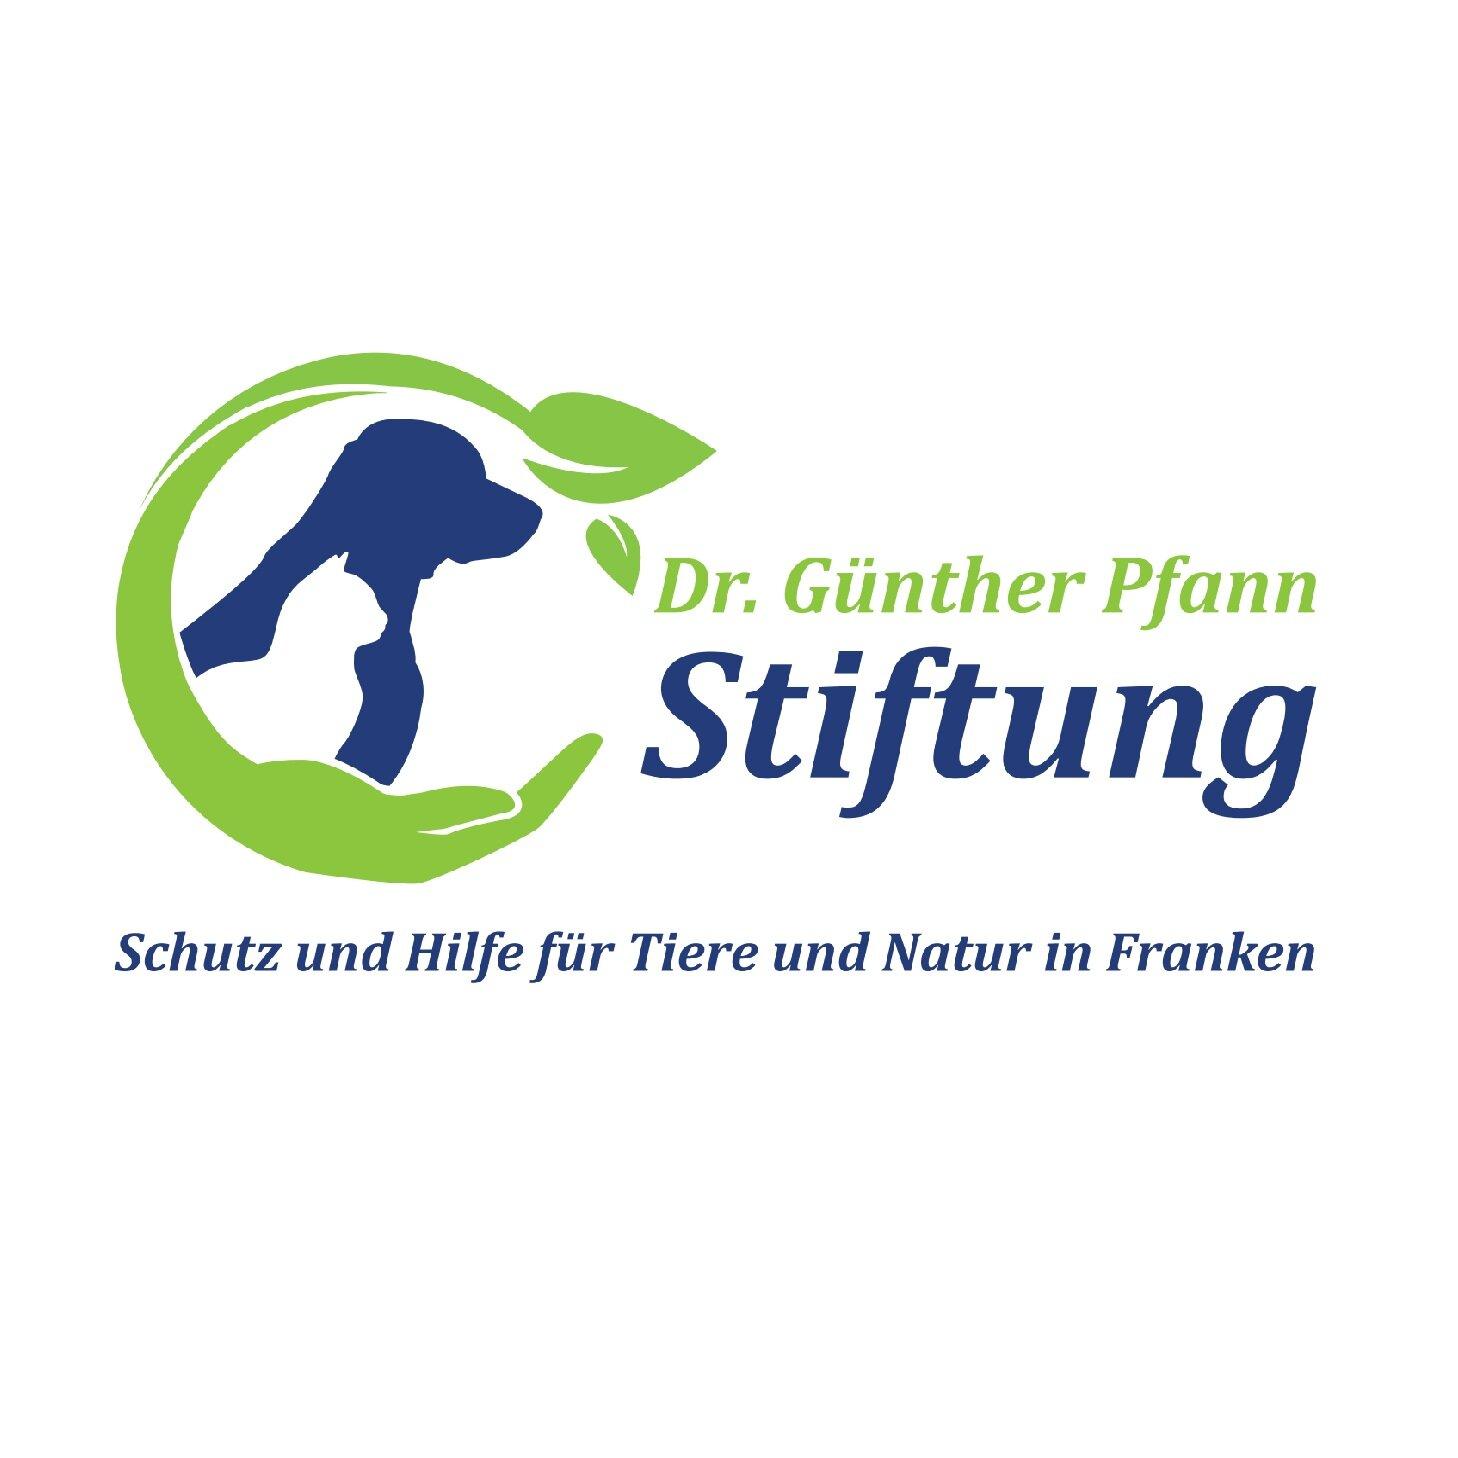 logo Pfann2.png